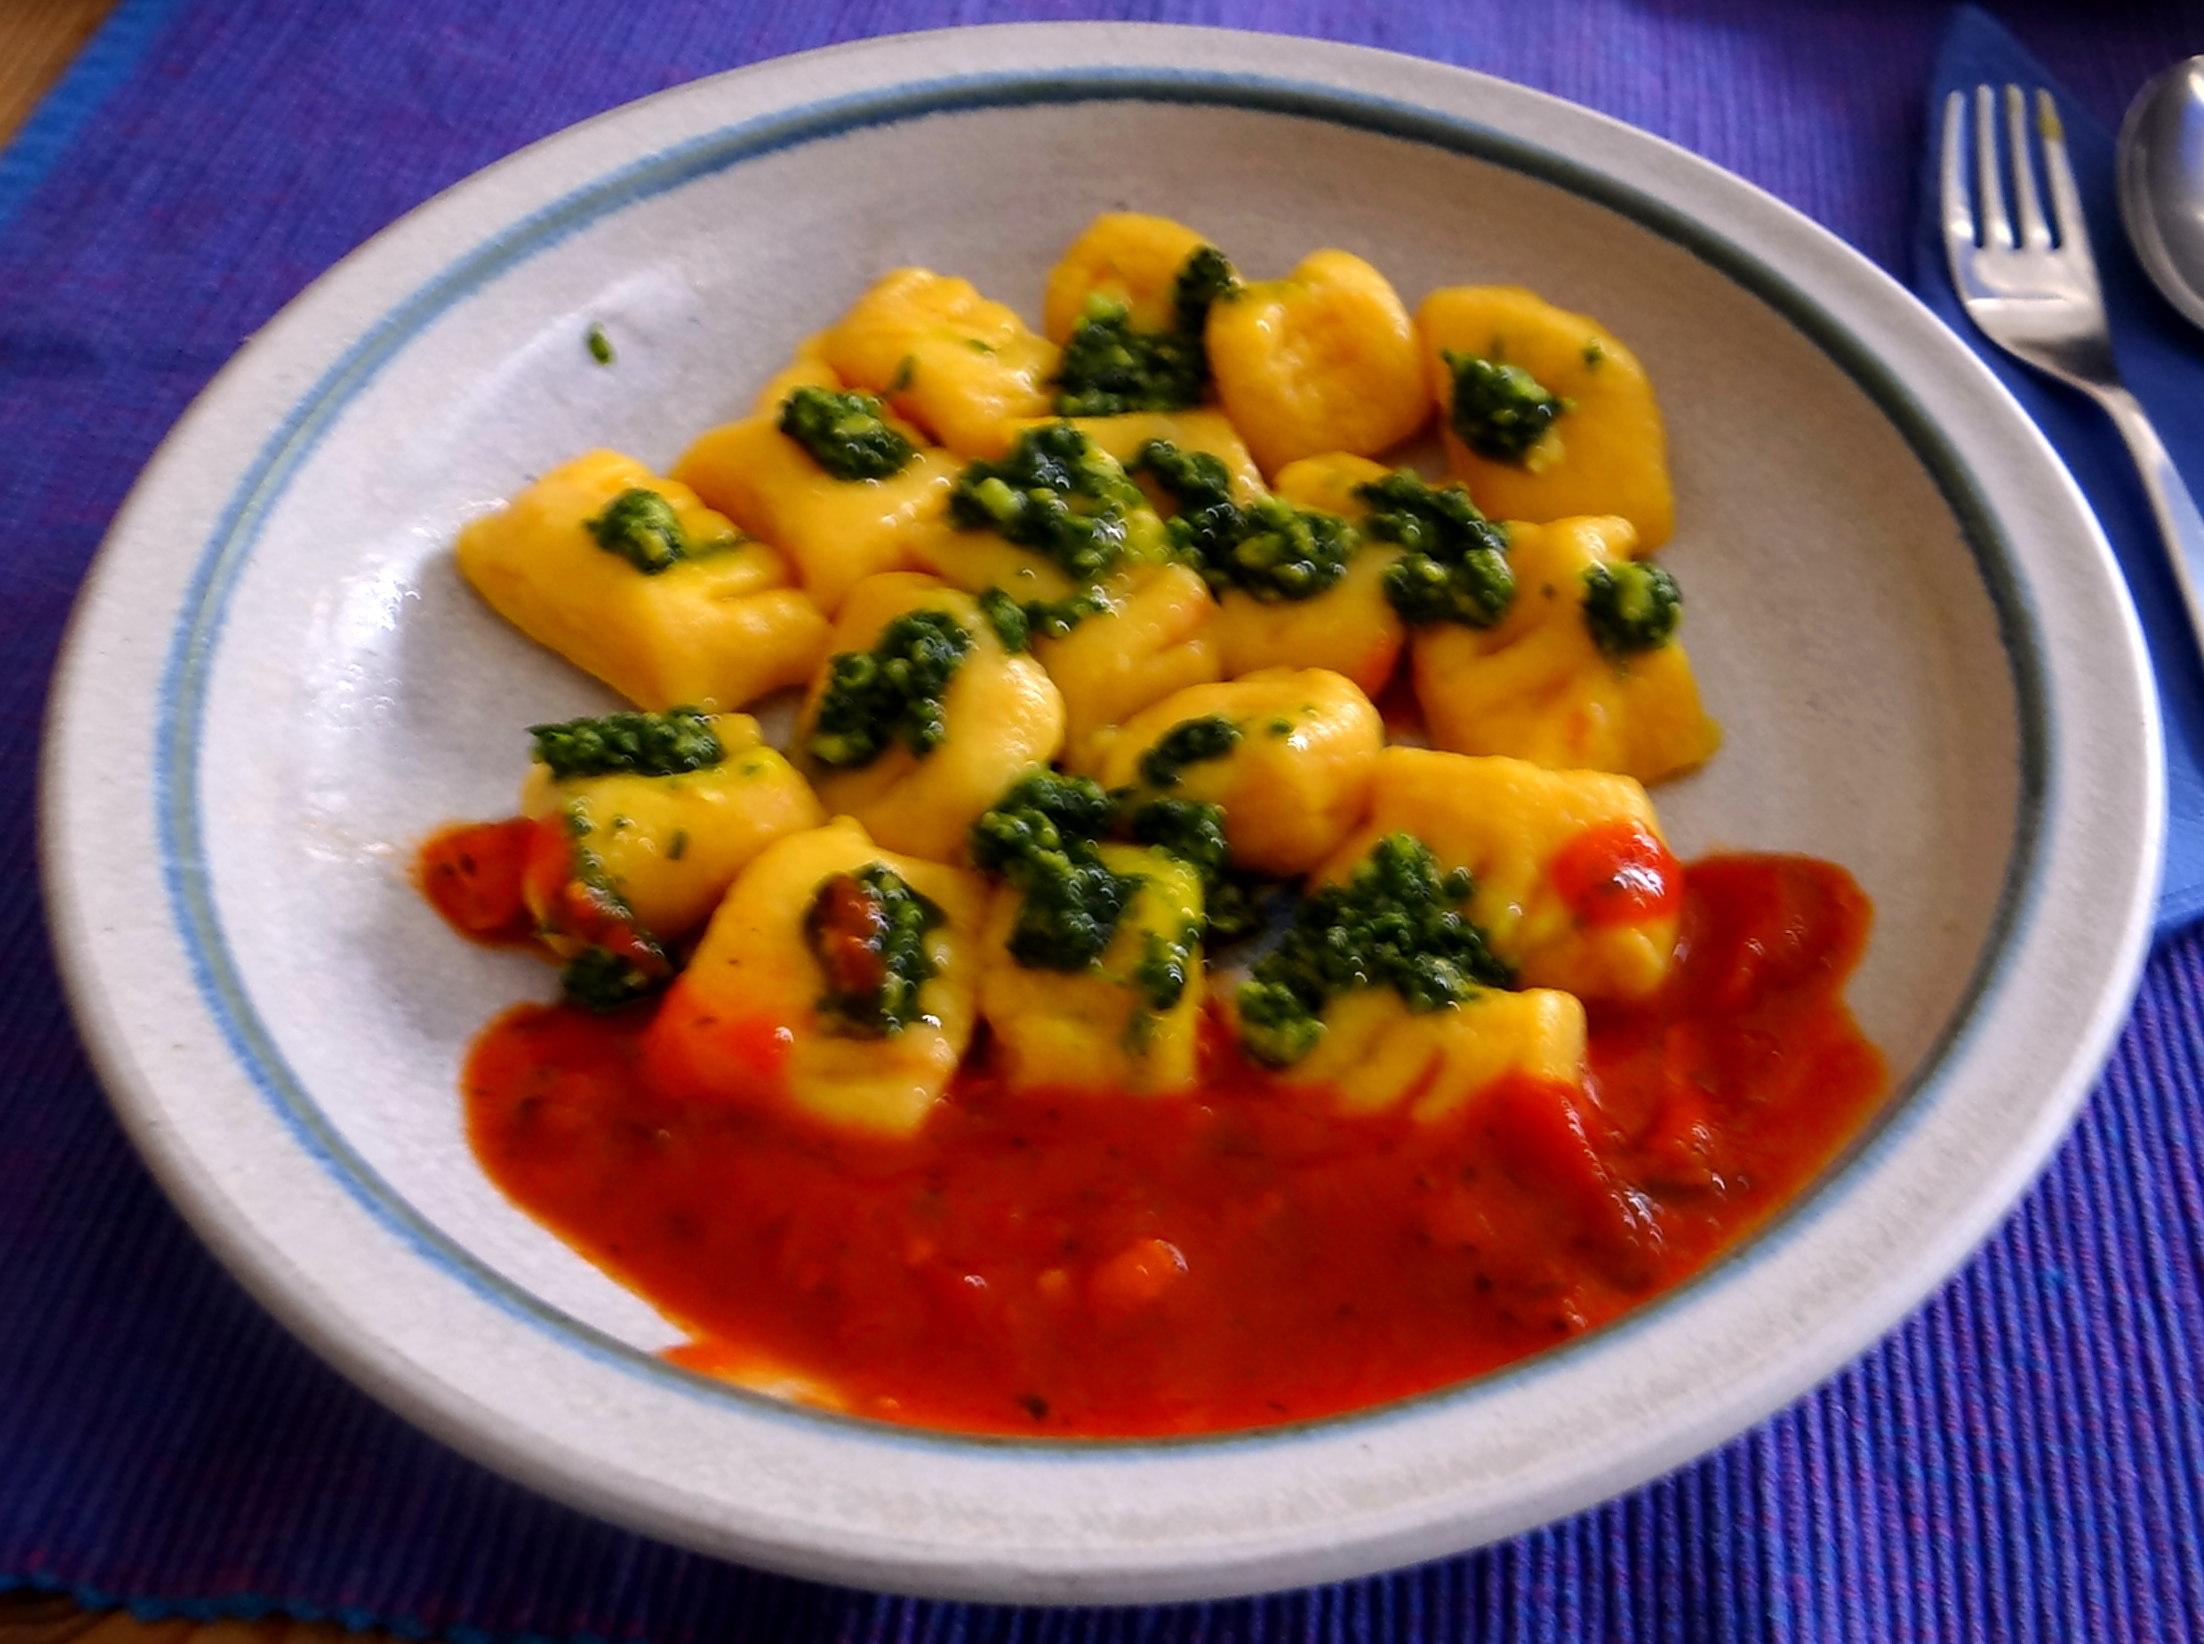 Kartoffel-Kürbis Gnocchis,Tomatensoße,Gurkensalat,vegetarisch (3)